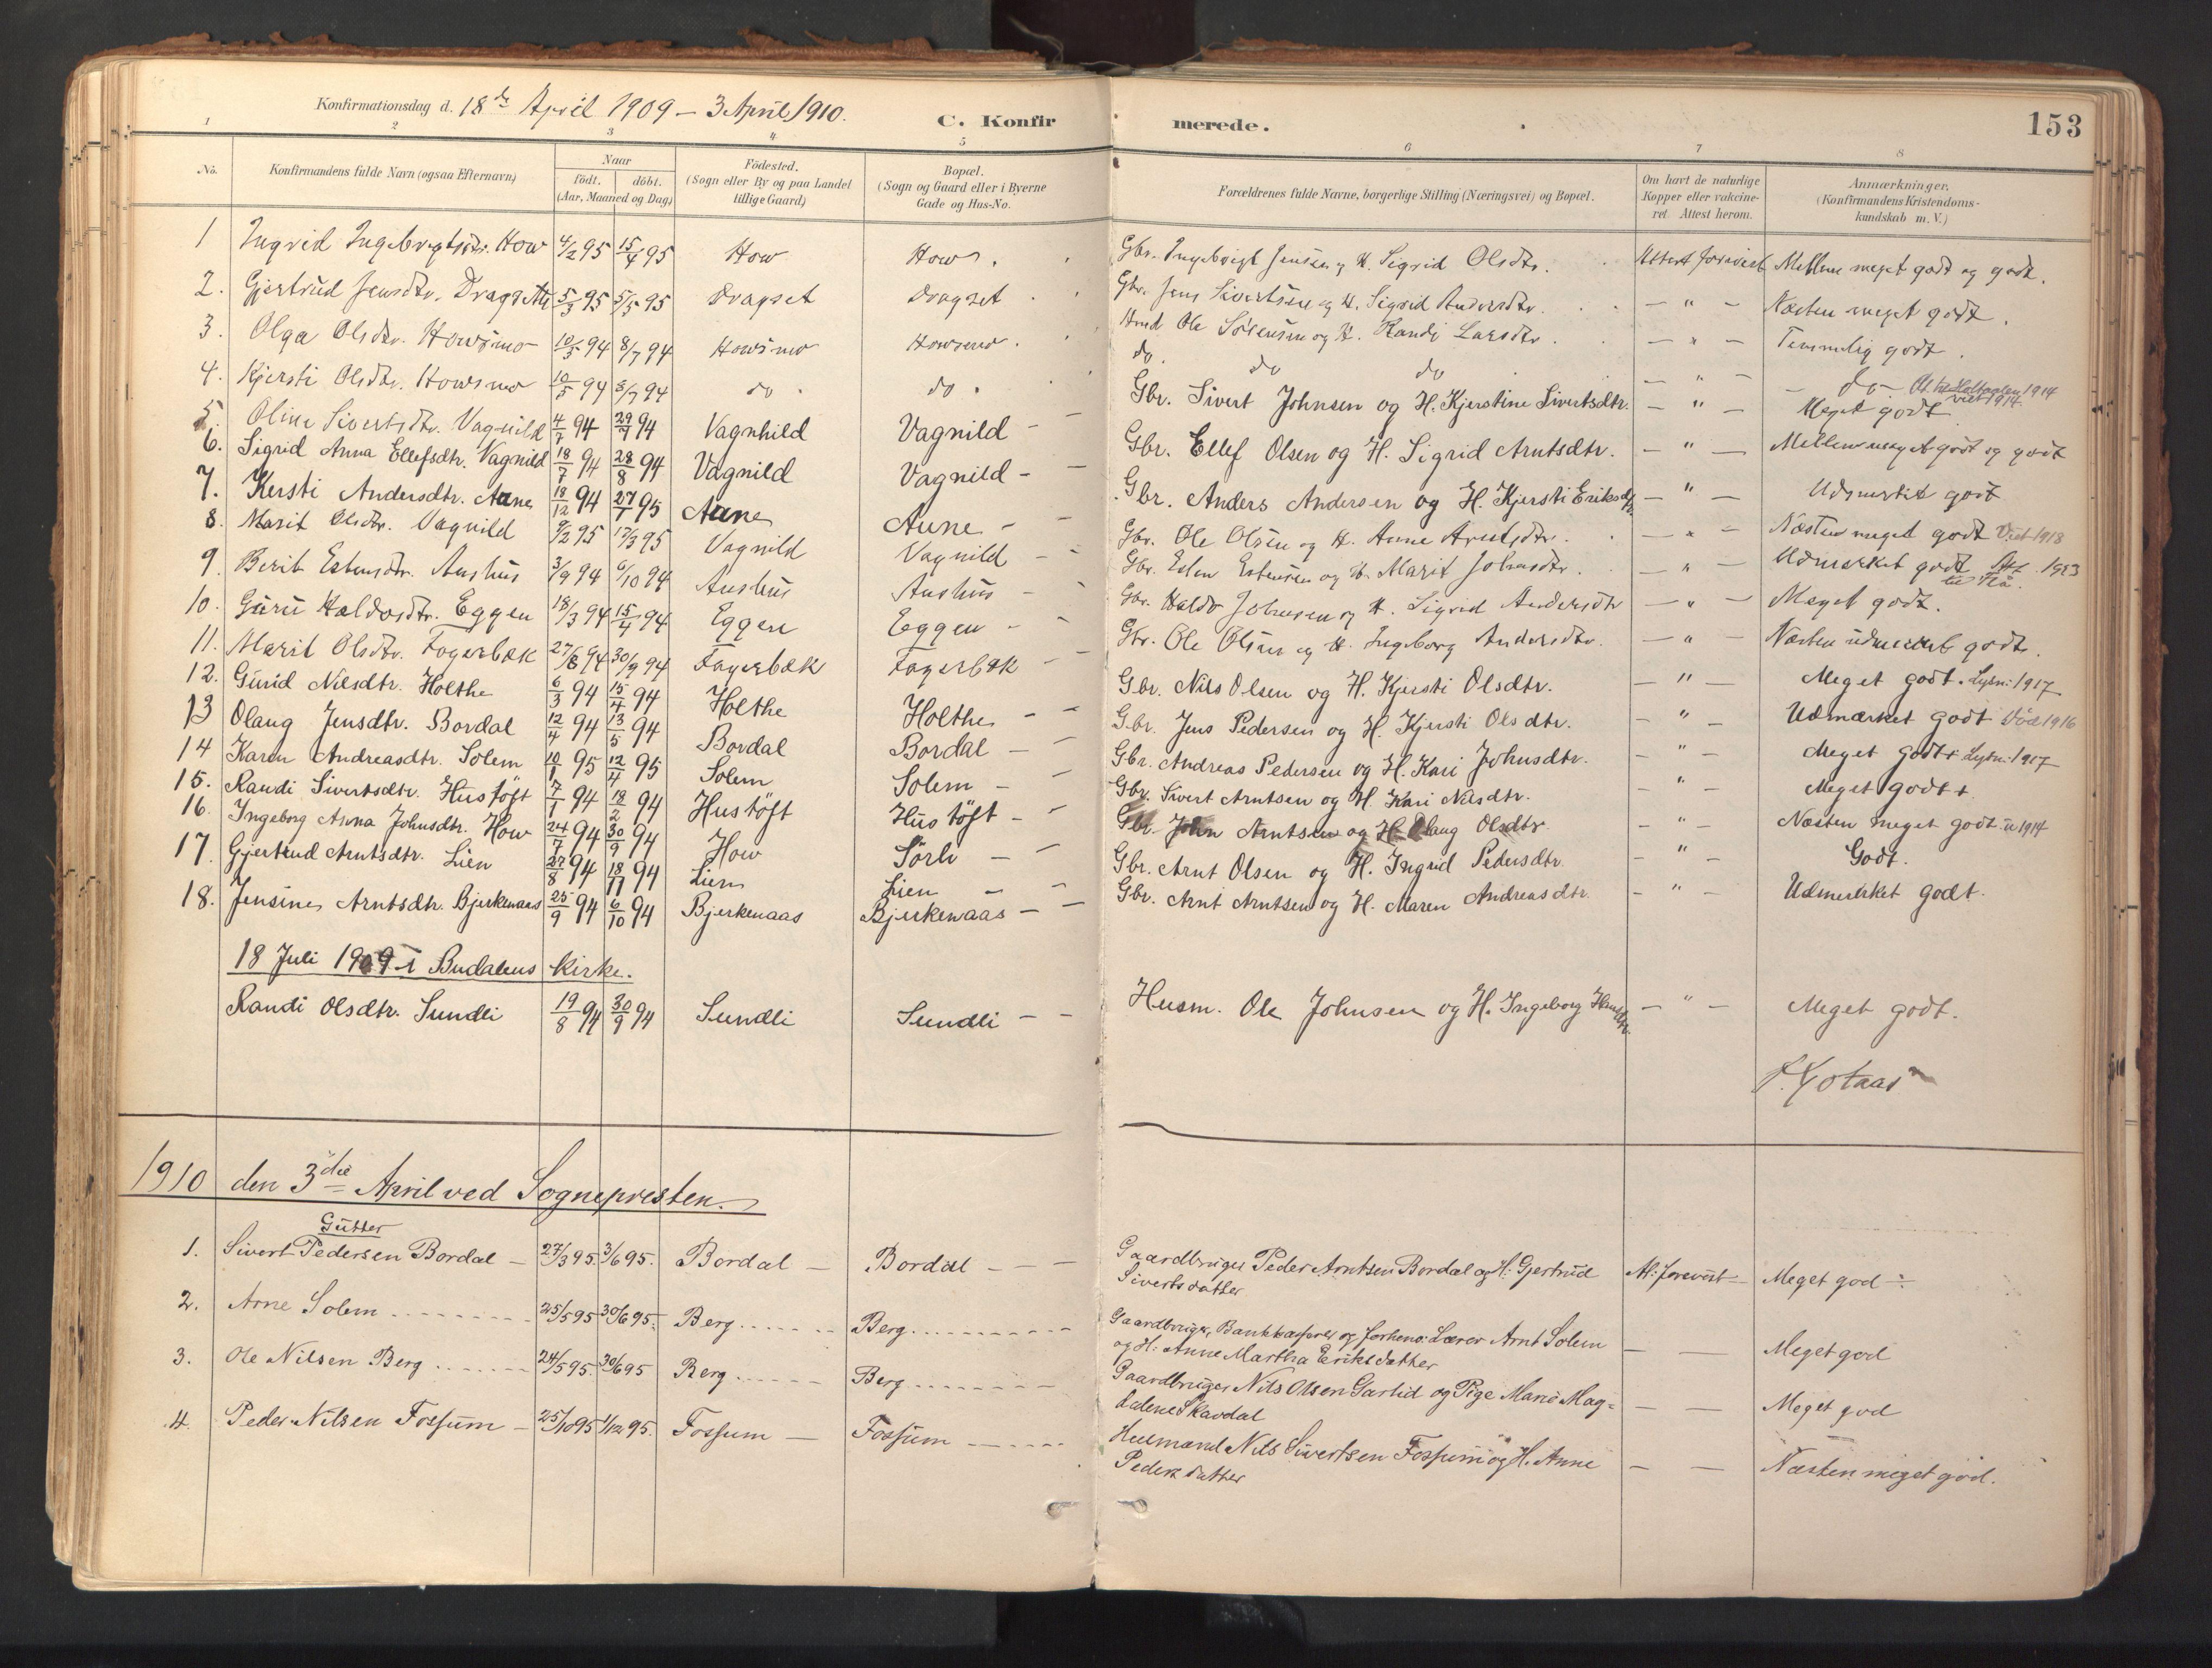 SAT, Ministerialprotokoller, klokkerbøker og fødselsregistre - Sør-Trøndelag, 689/L1041: Ministerialbok nr. 689A06, 1891-1923, s. 153